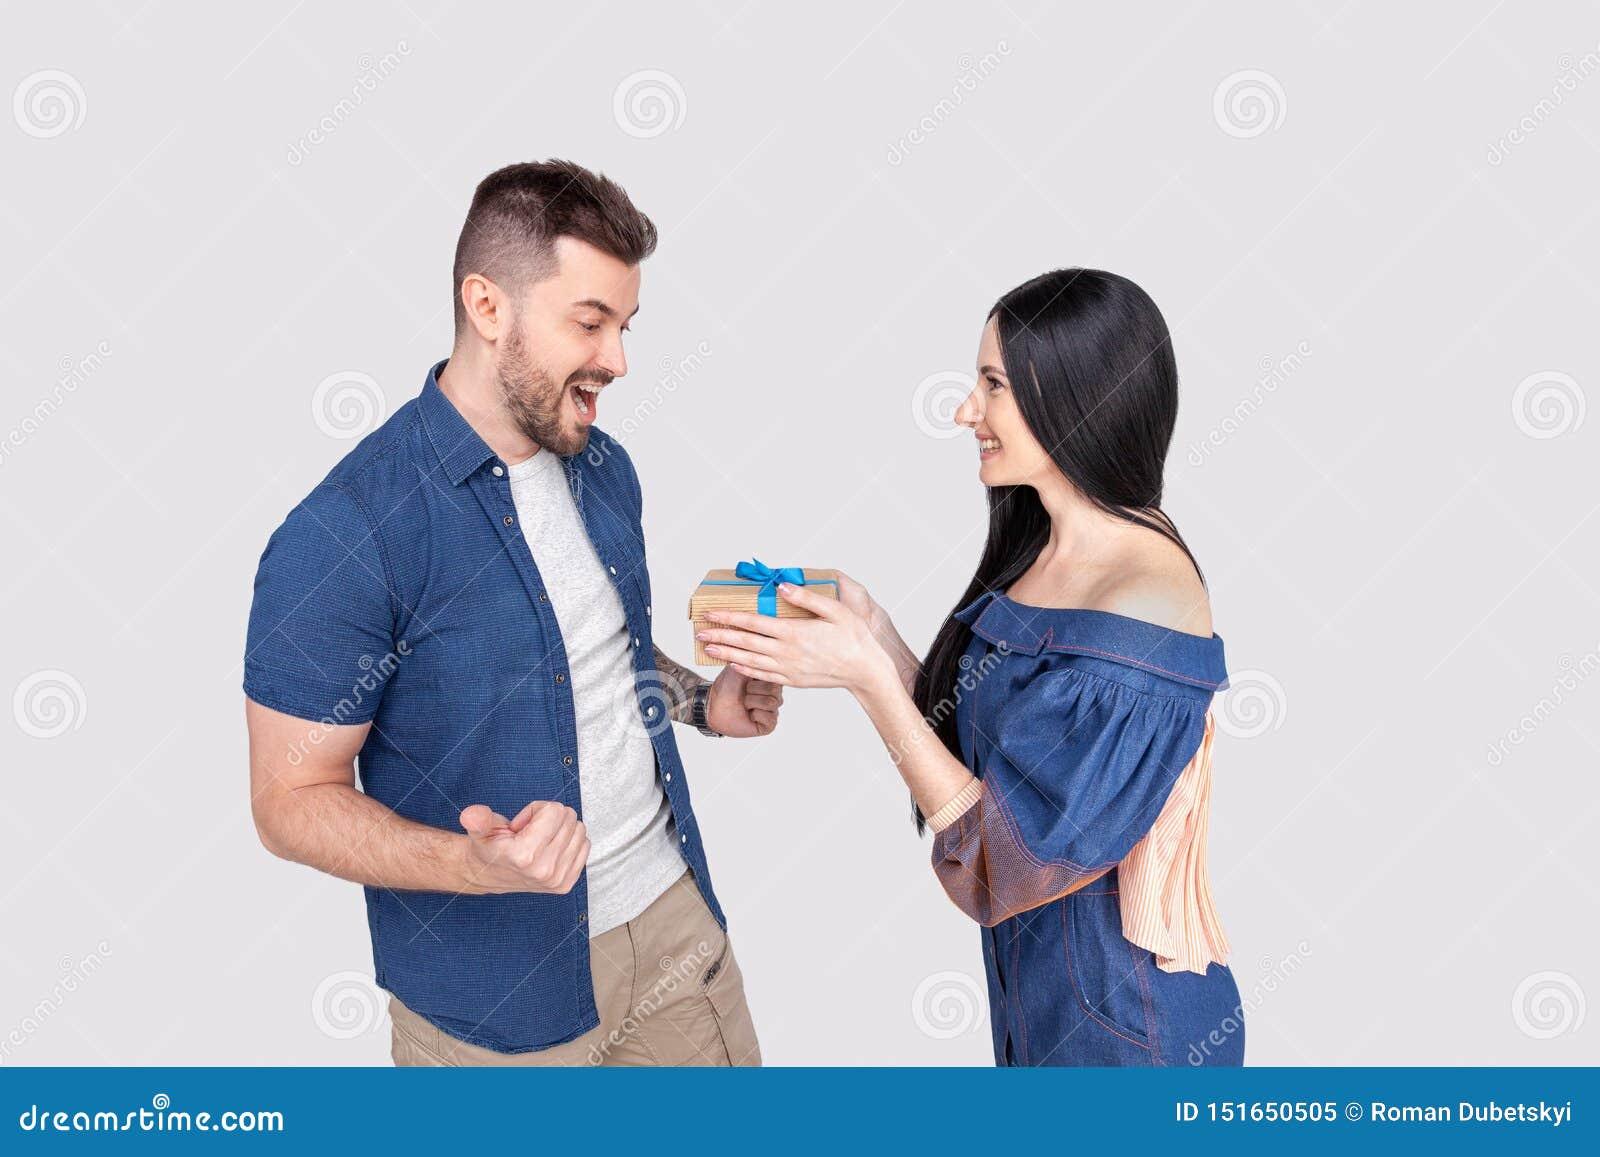 De mooie vrouw die haar vriend met gift verrassen isoleerde het dragen van denimkleding op askleurig-grijze achtergrond